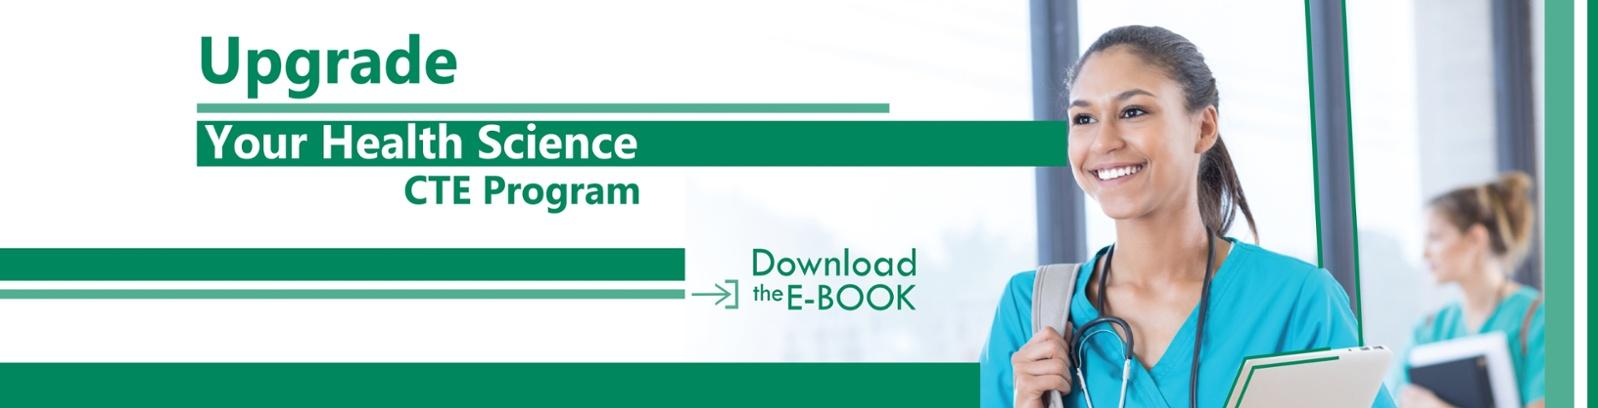 Download the CTE Program Ebook